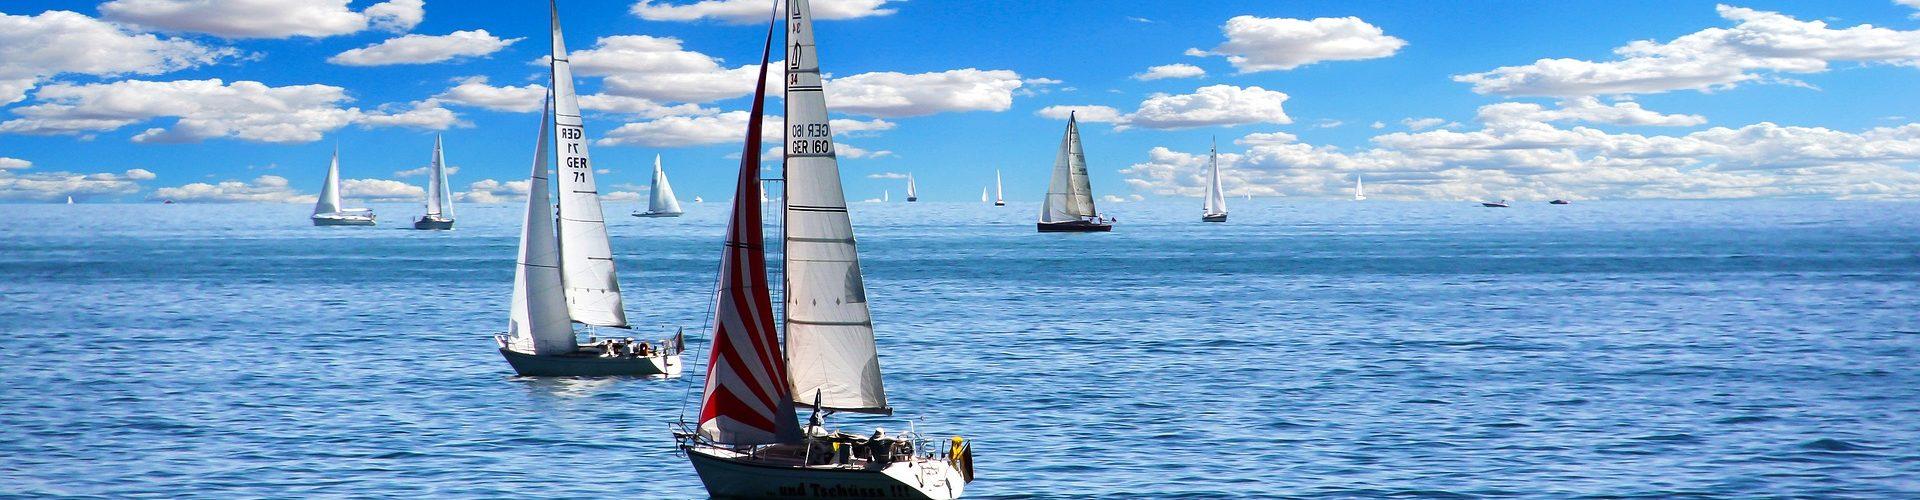 segeln lernen in Vohenstrauß segelschein machen in Vohenstrauß 1920x500 - Segeln lernen in Vohenstrauß